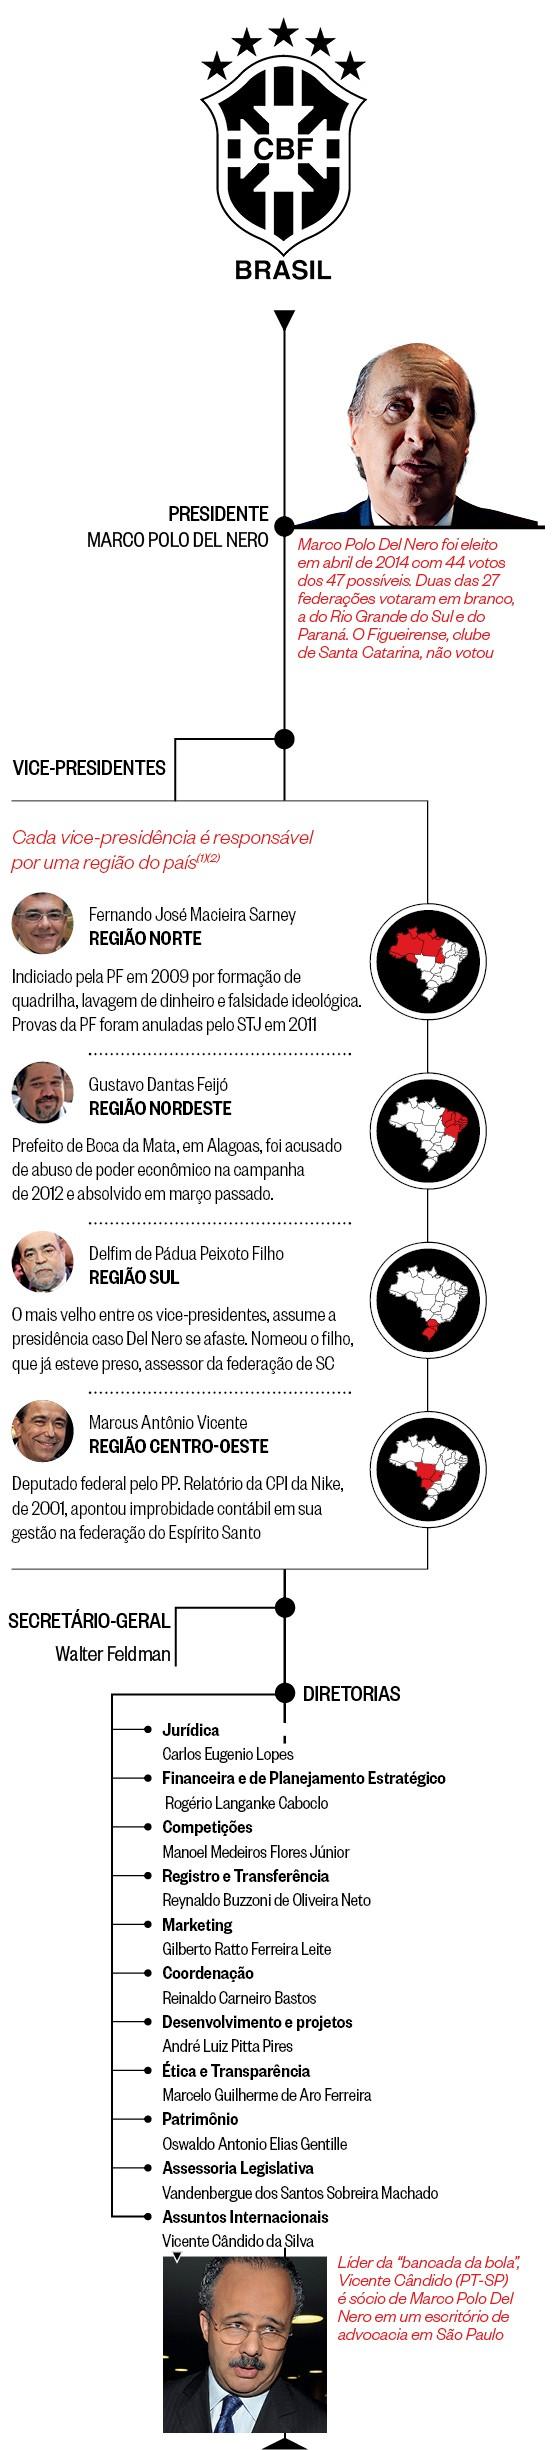 Como a CBF foi mantida com o apoio de dirigentes regionais acusados de corrupção (Foto: Revista ÉPOCA)